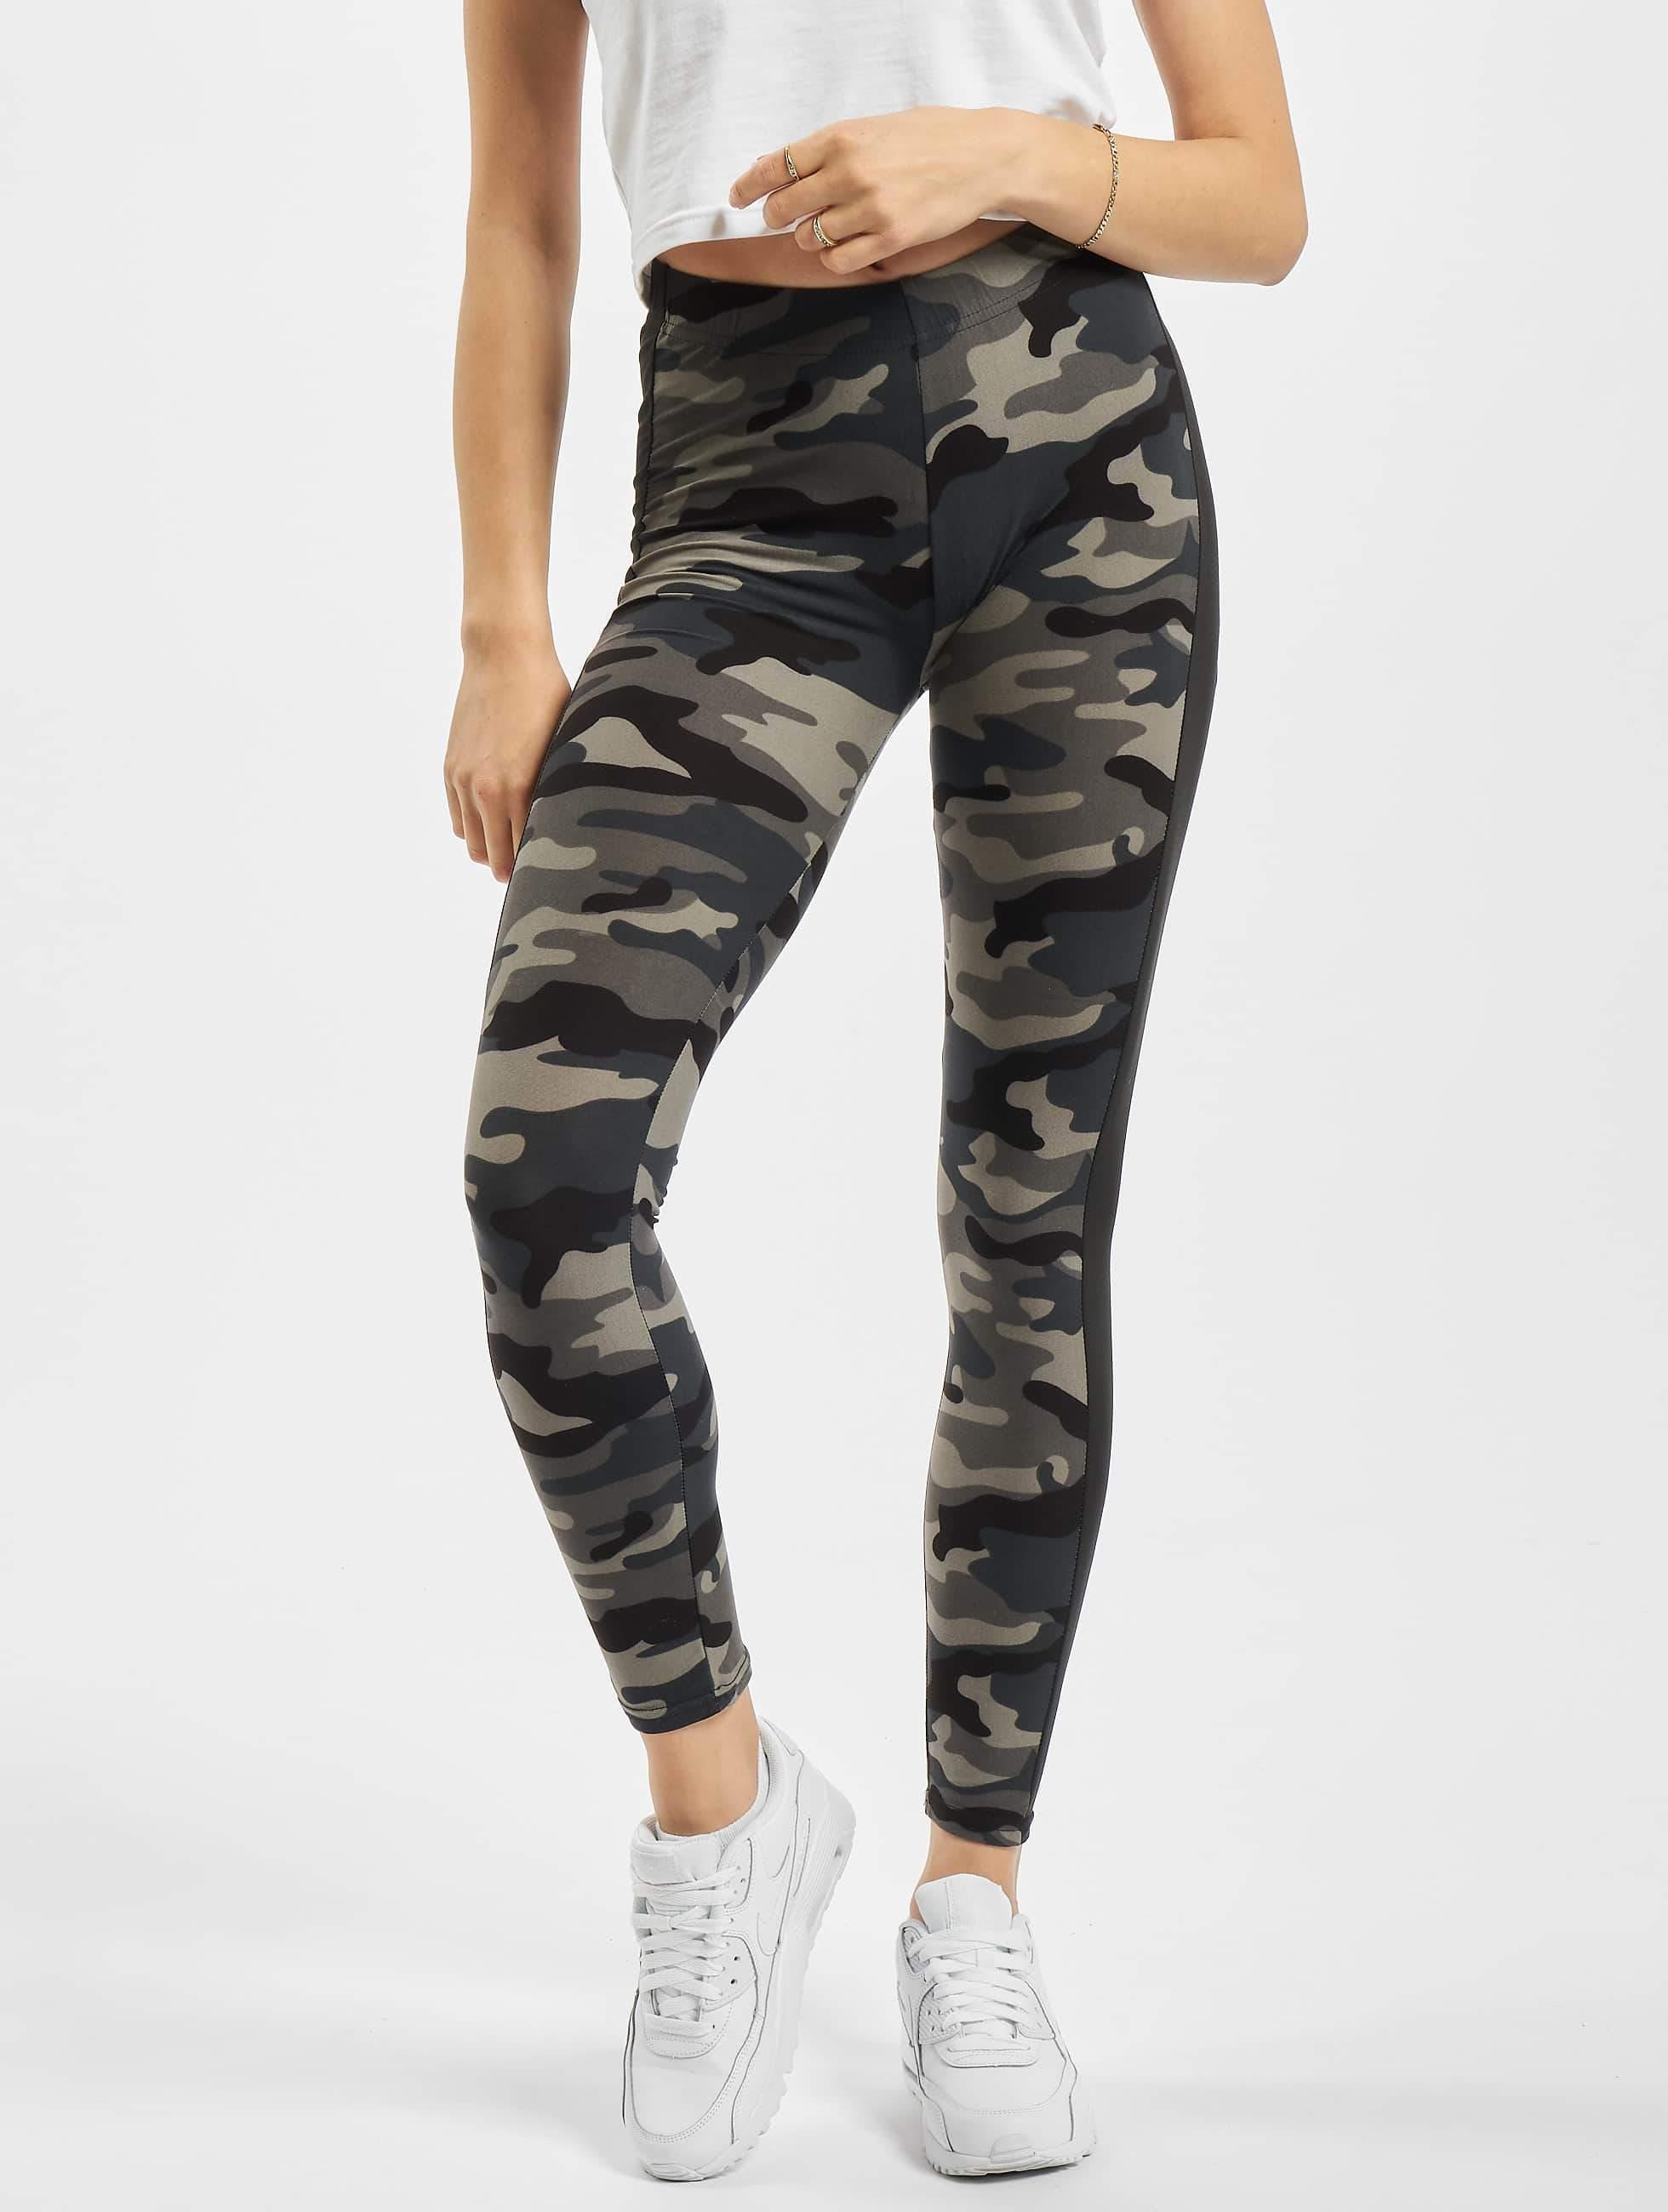 db34004fa08ea Urban Classics Damen Legging Camo Stripe in camouflage 305151